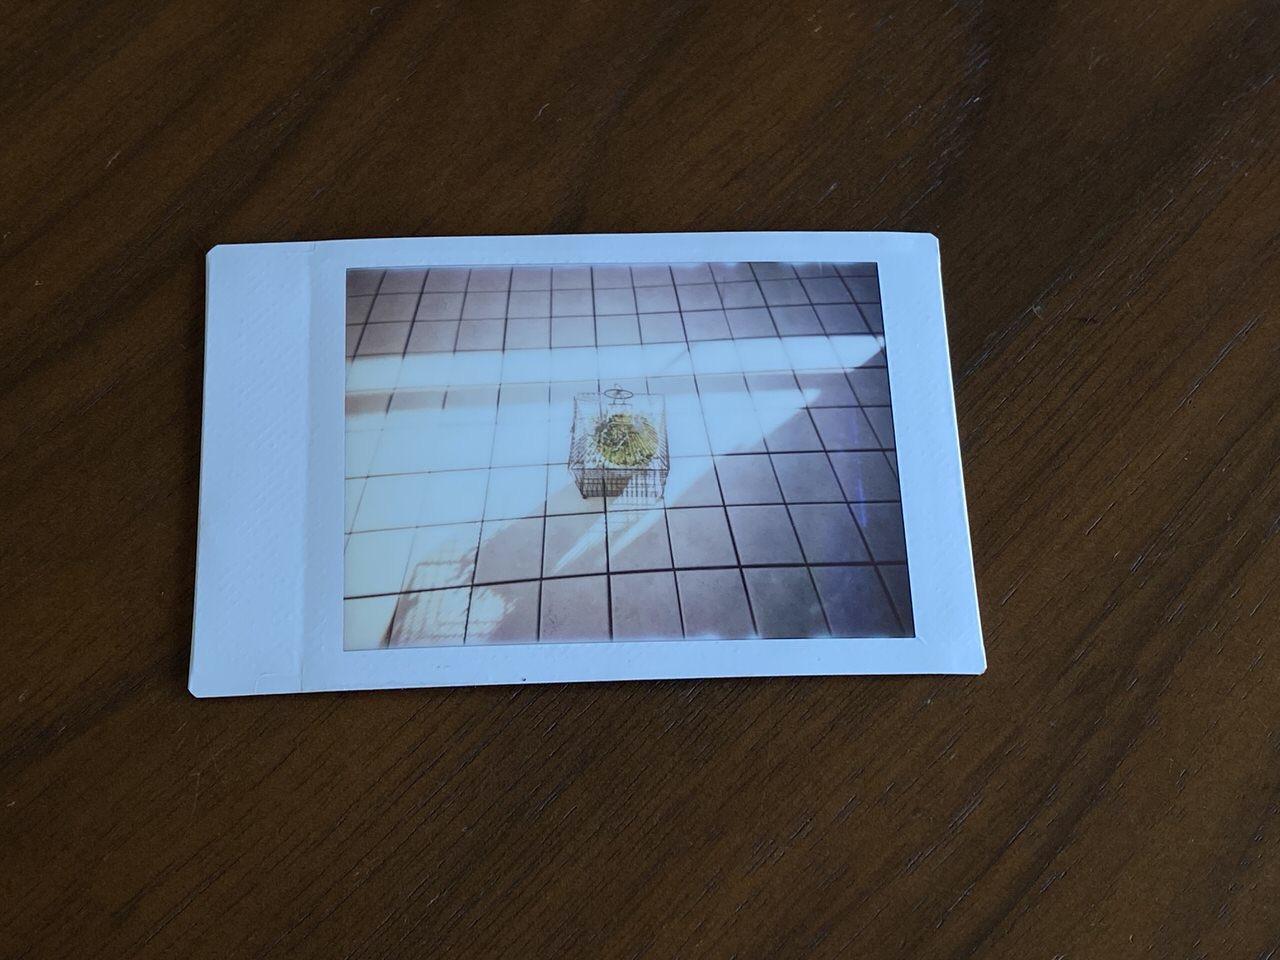 インスタントトイカメラ「Pixtoss(ピックトス)」17